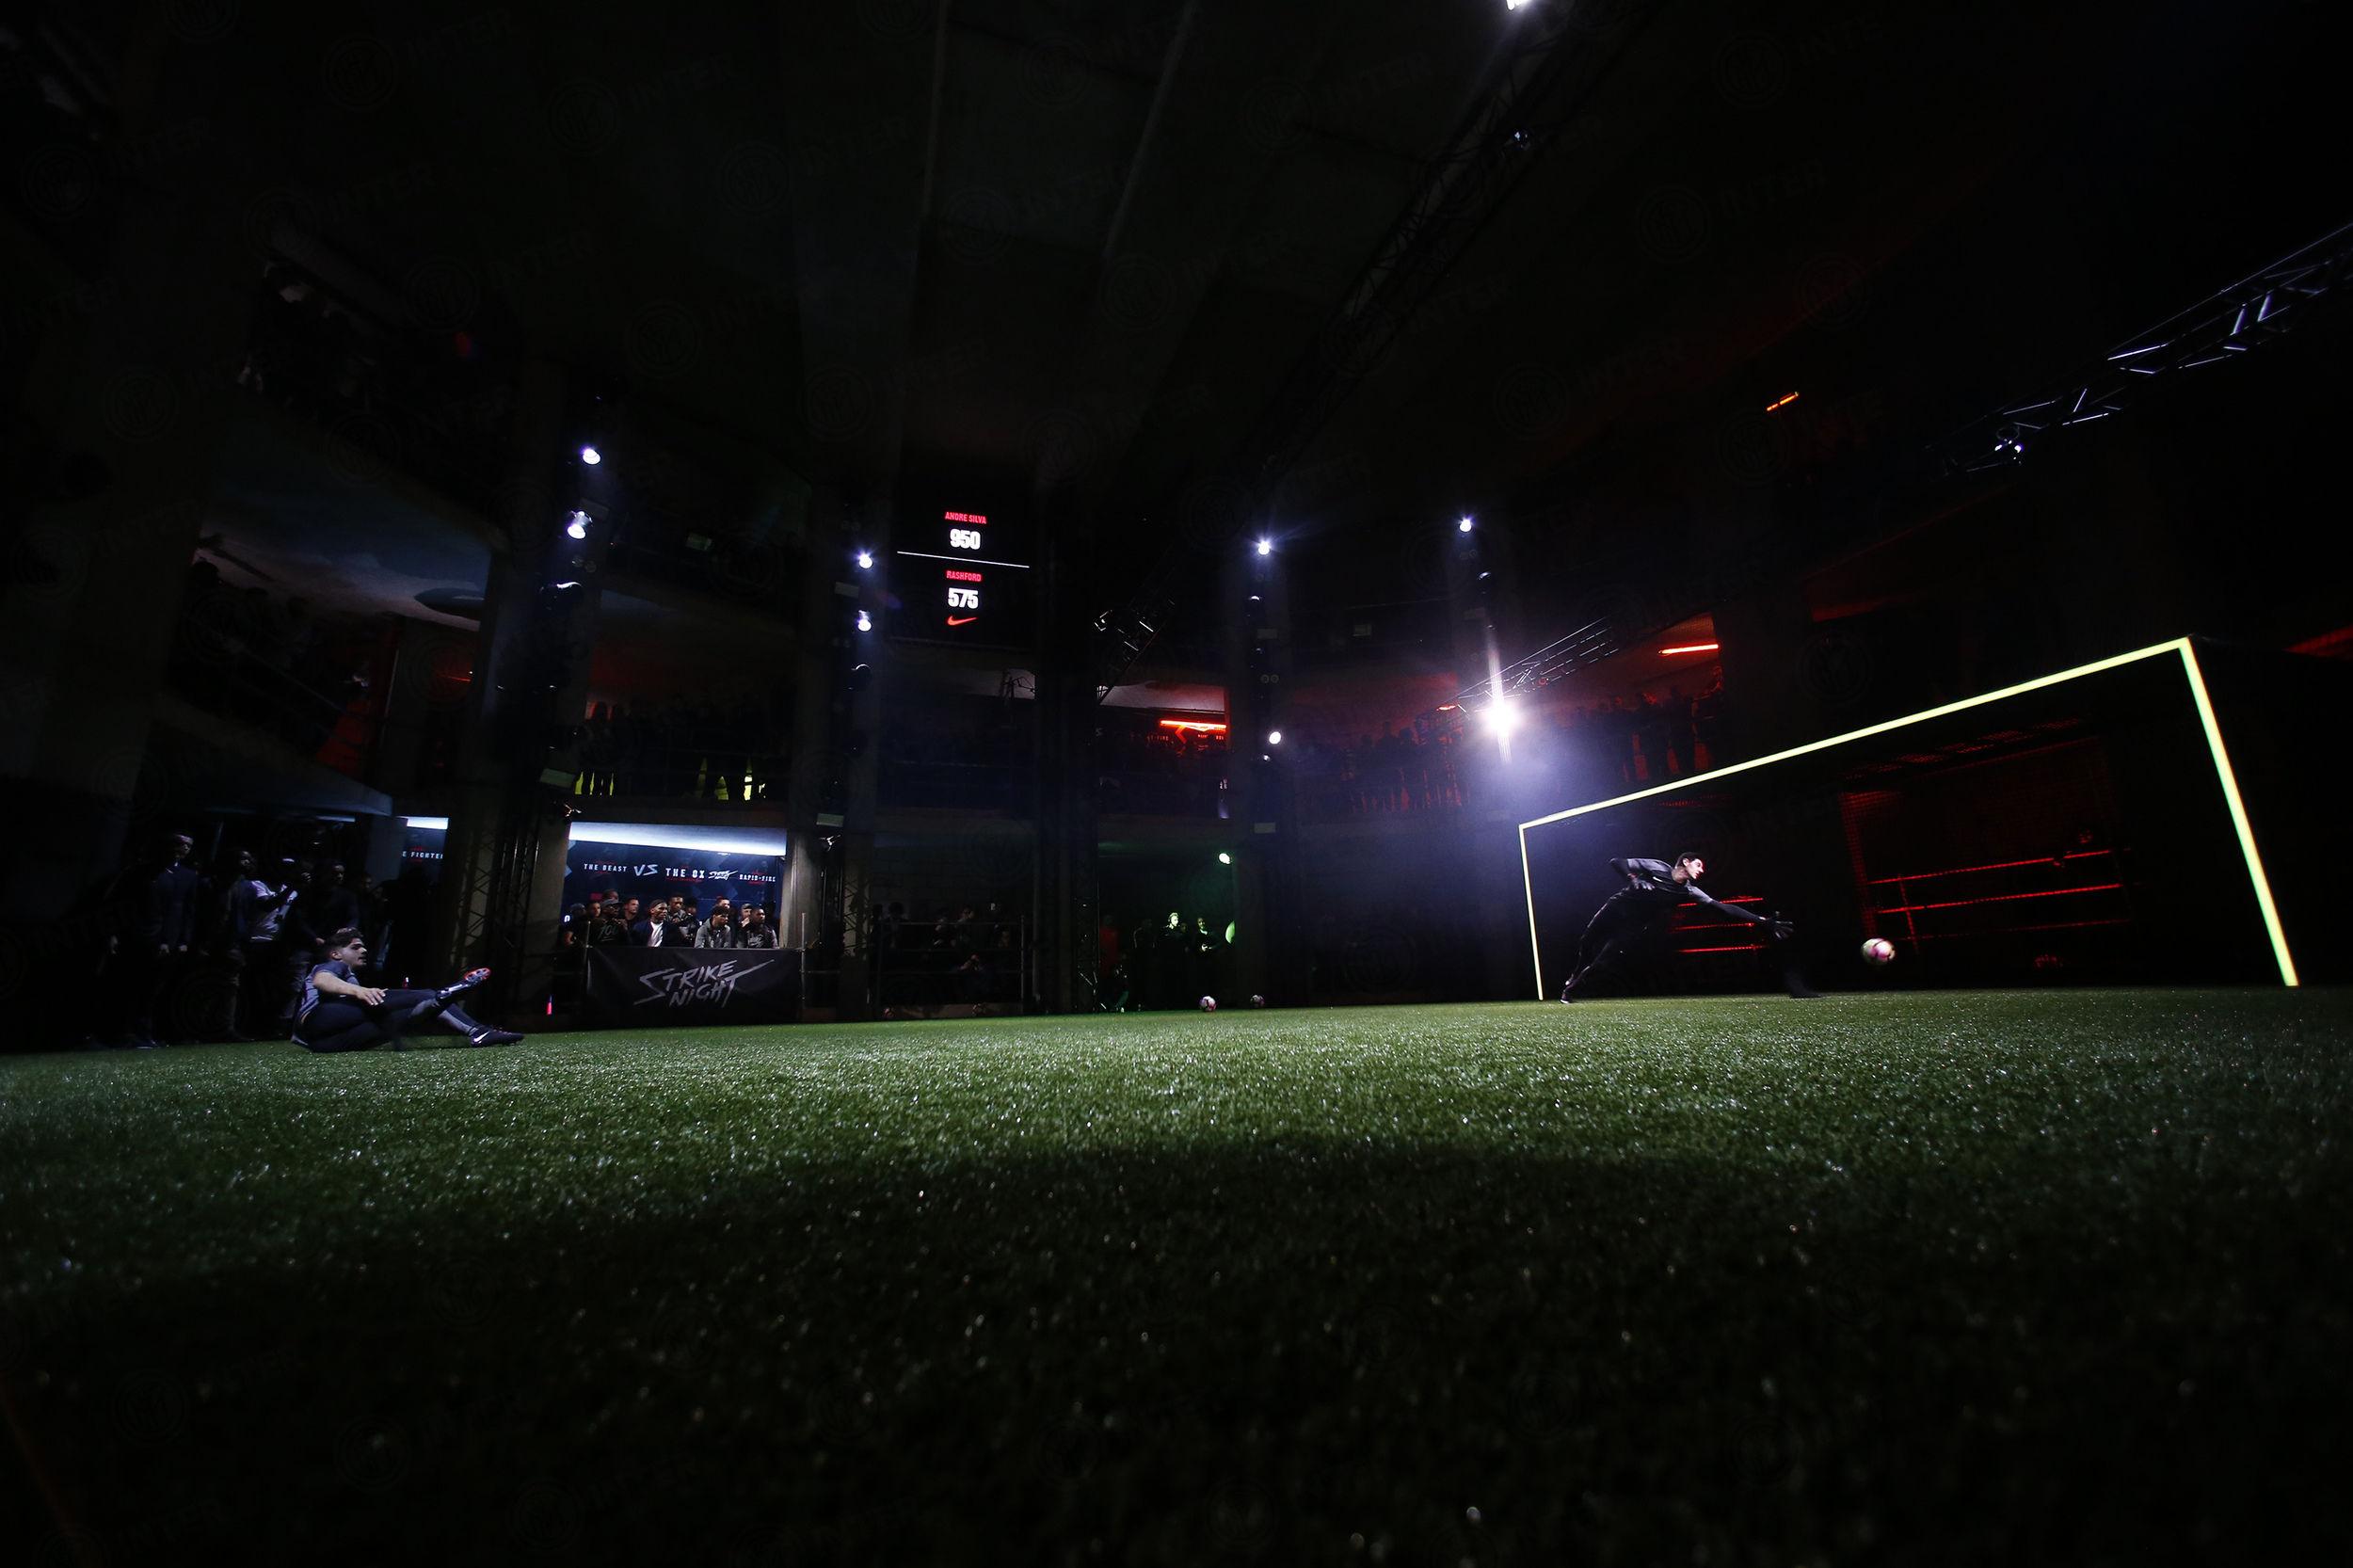 伊卡尔迪出席耐克足球之夜活动